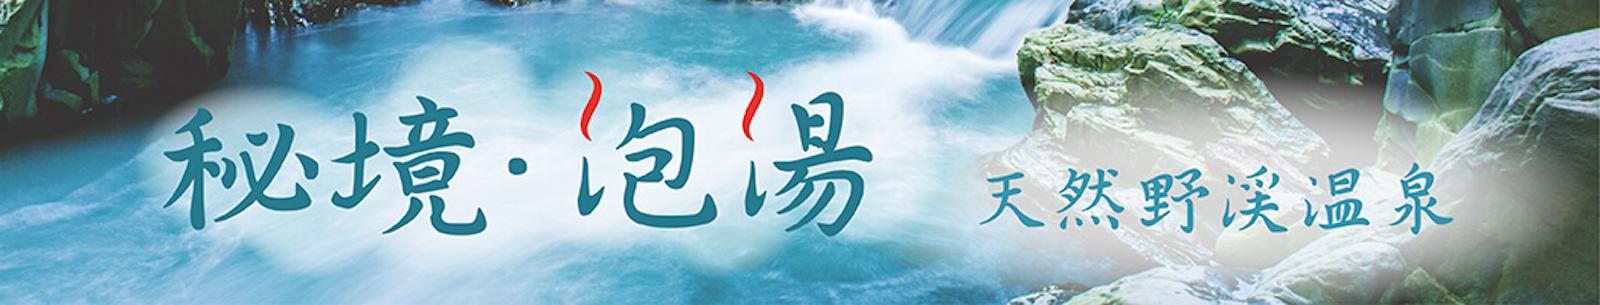 野溪溫泉廣告banner